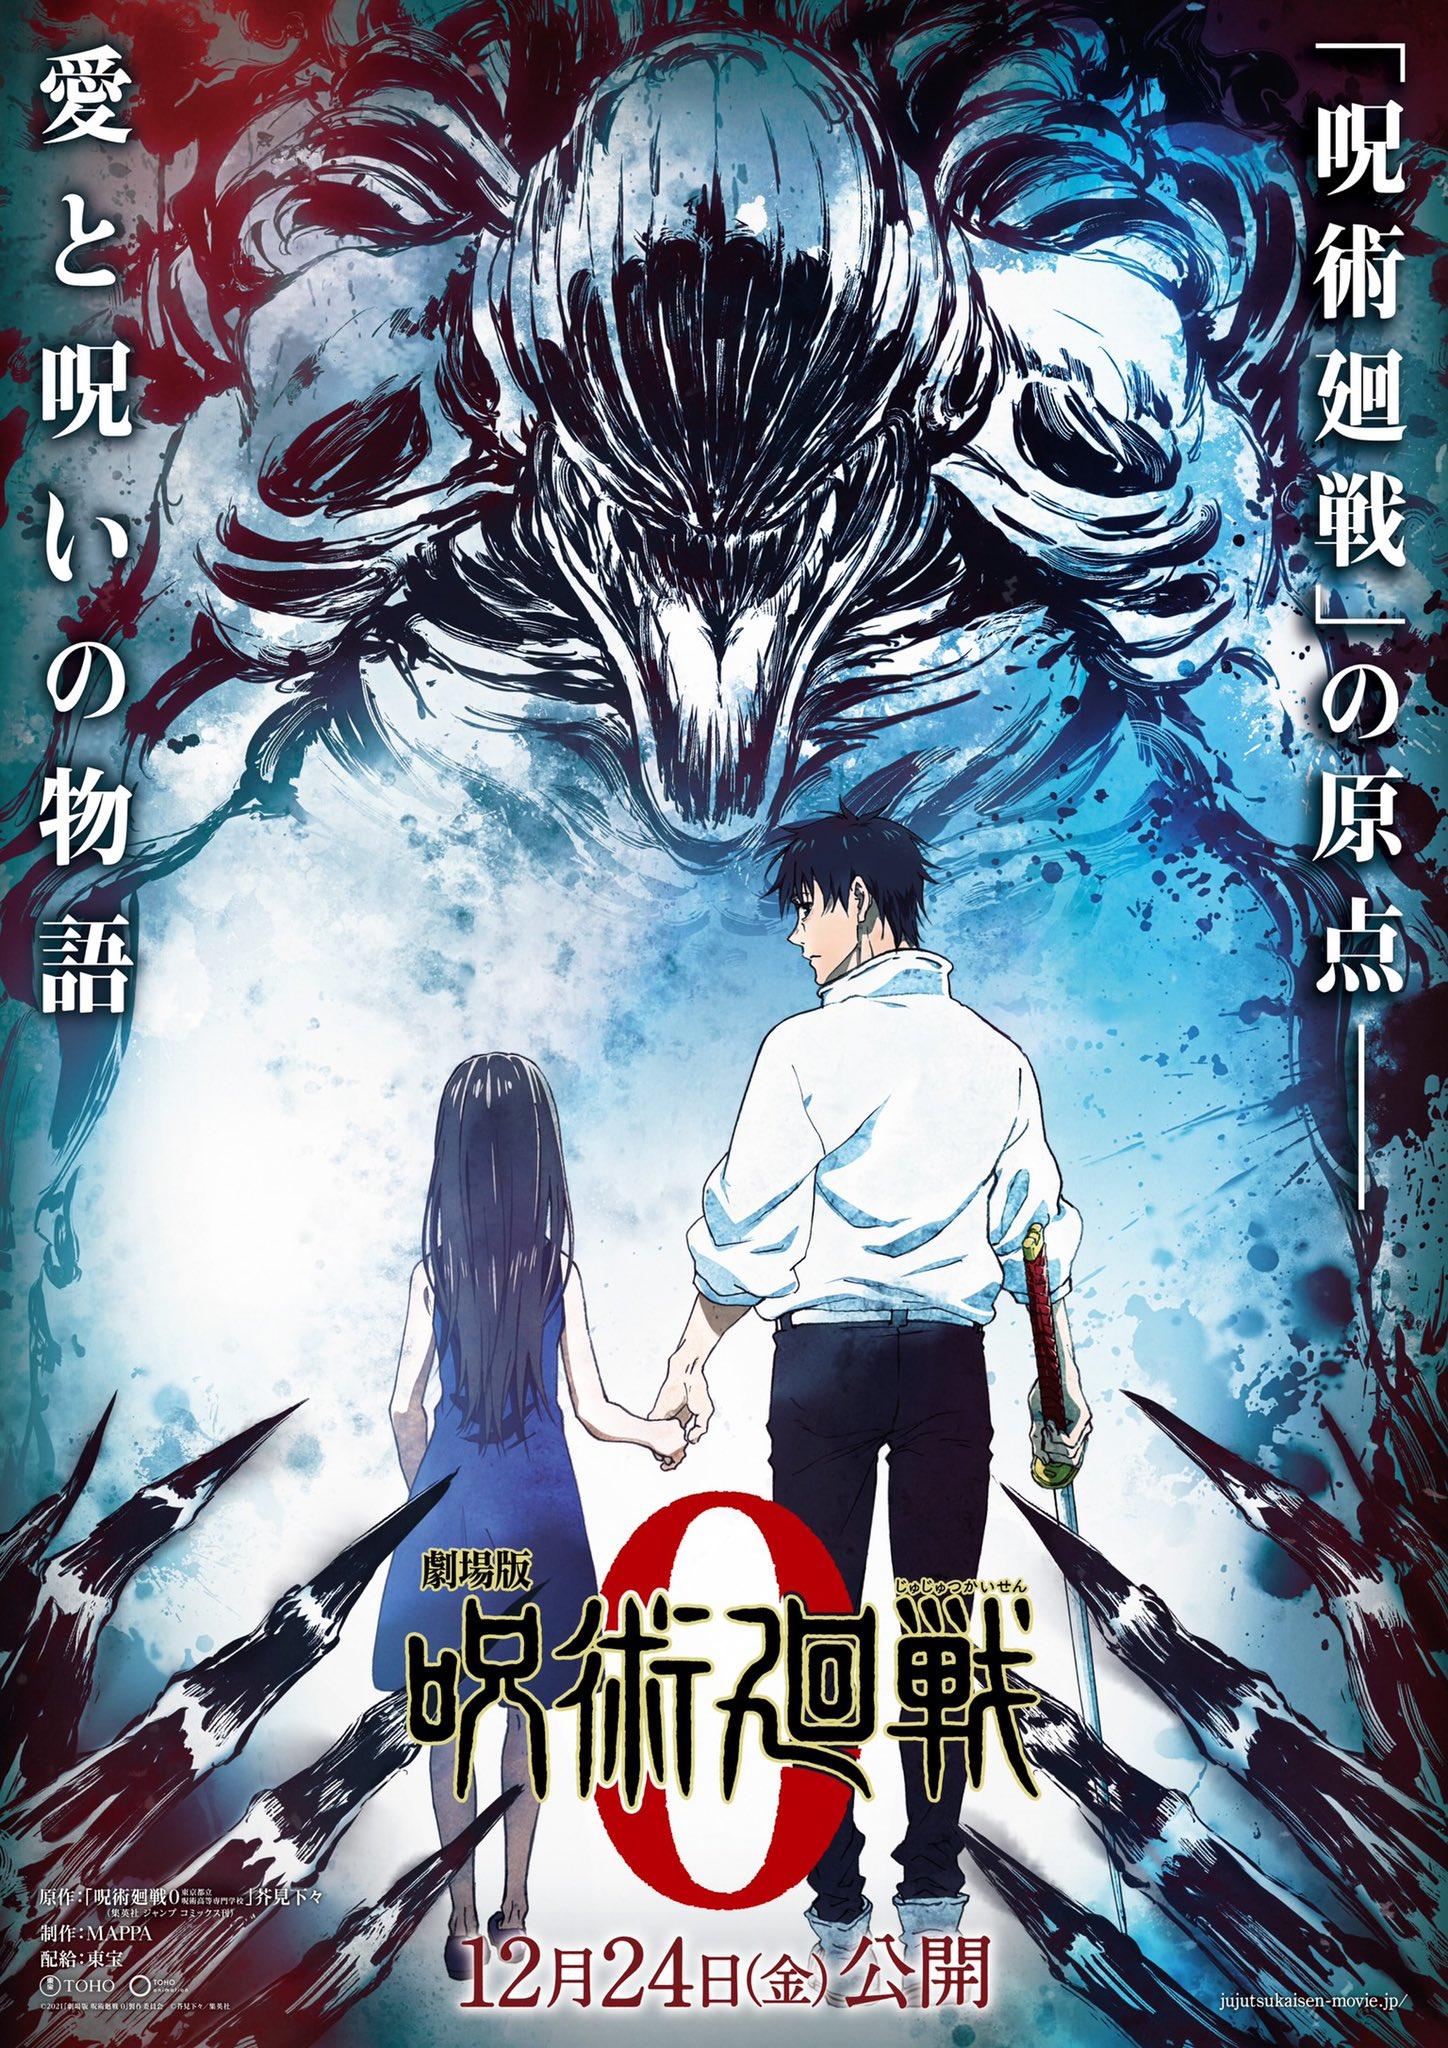 Filme 'Jujutsu Kaisen 0' tem Novo Teaser Revelado